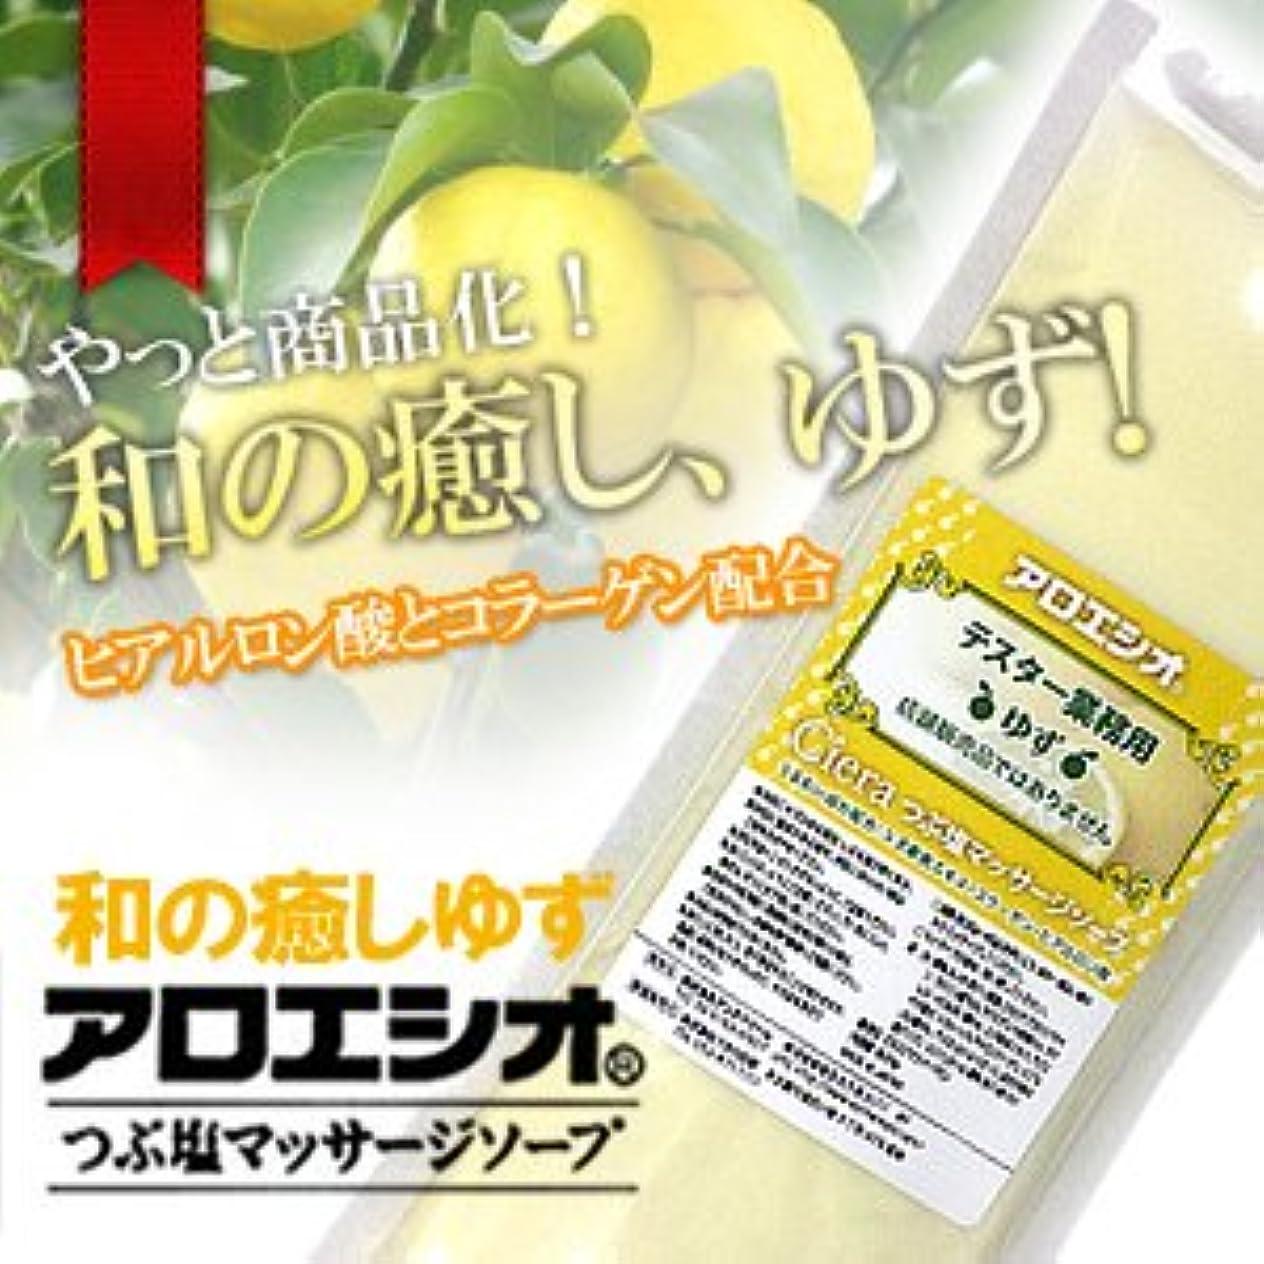 シルク発行ボックスゆず アロエ塩 800g つぶ塩マッサージソープ/フタバ化学 アロエシオ